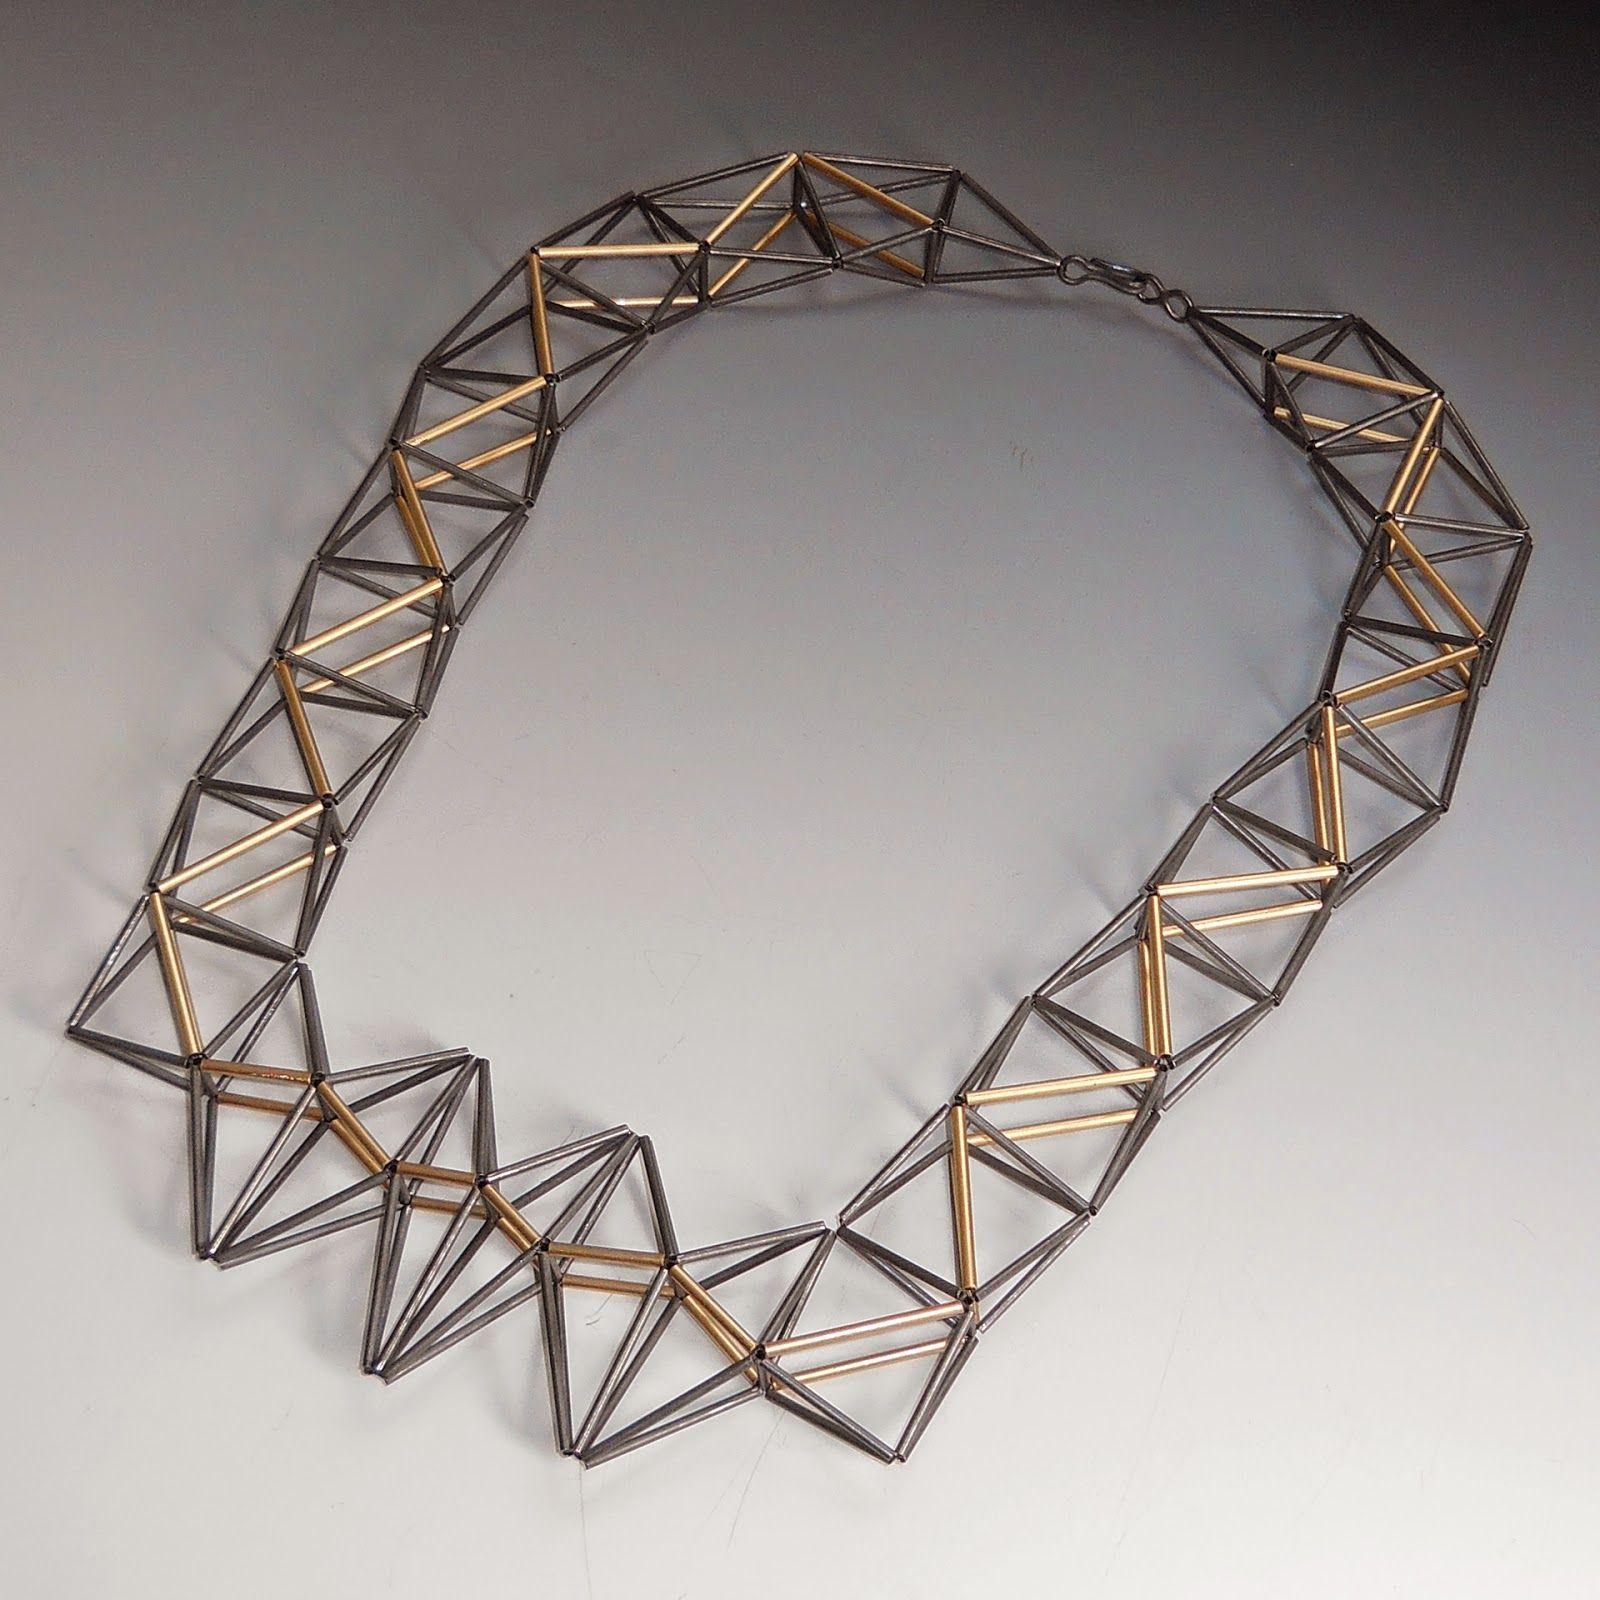 Octahedron Shapes